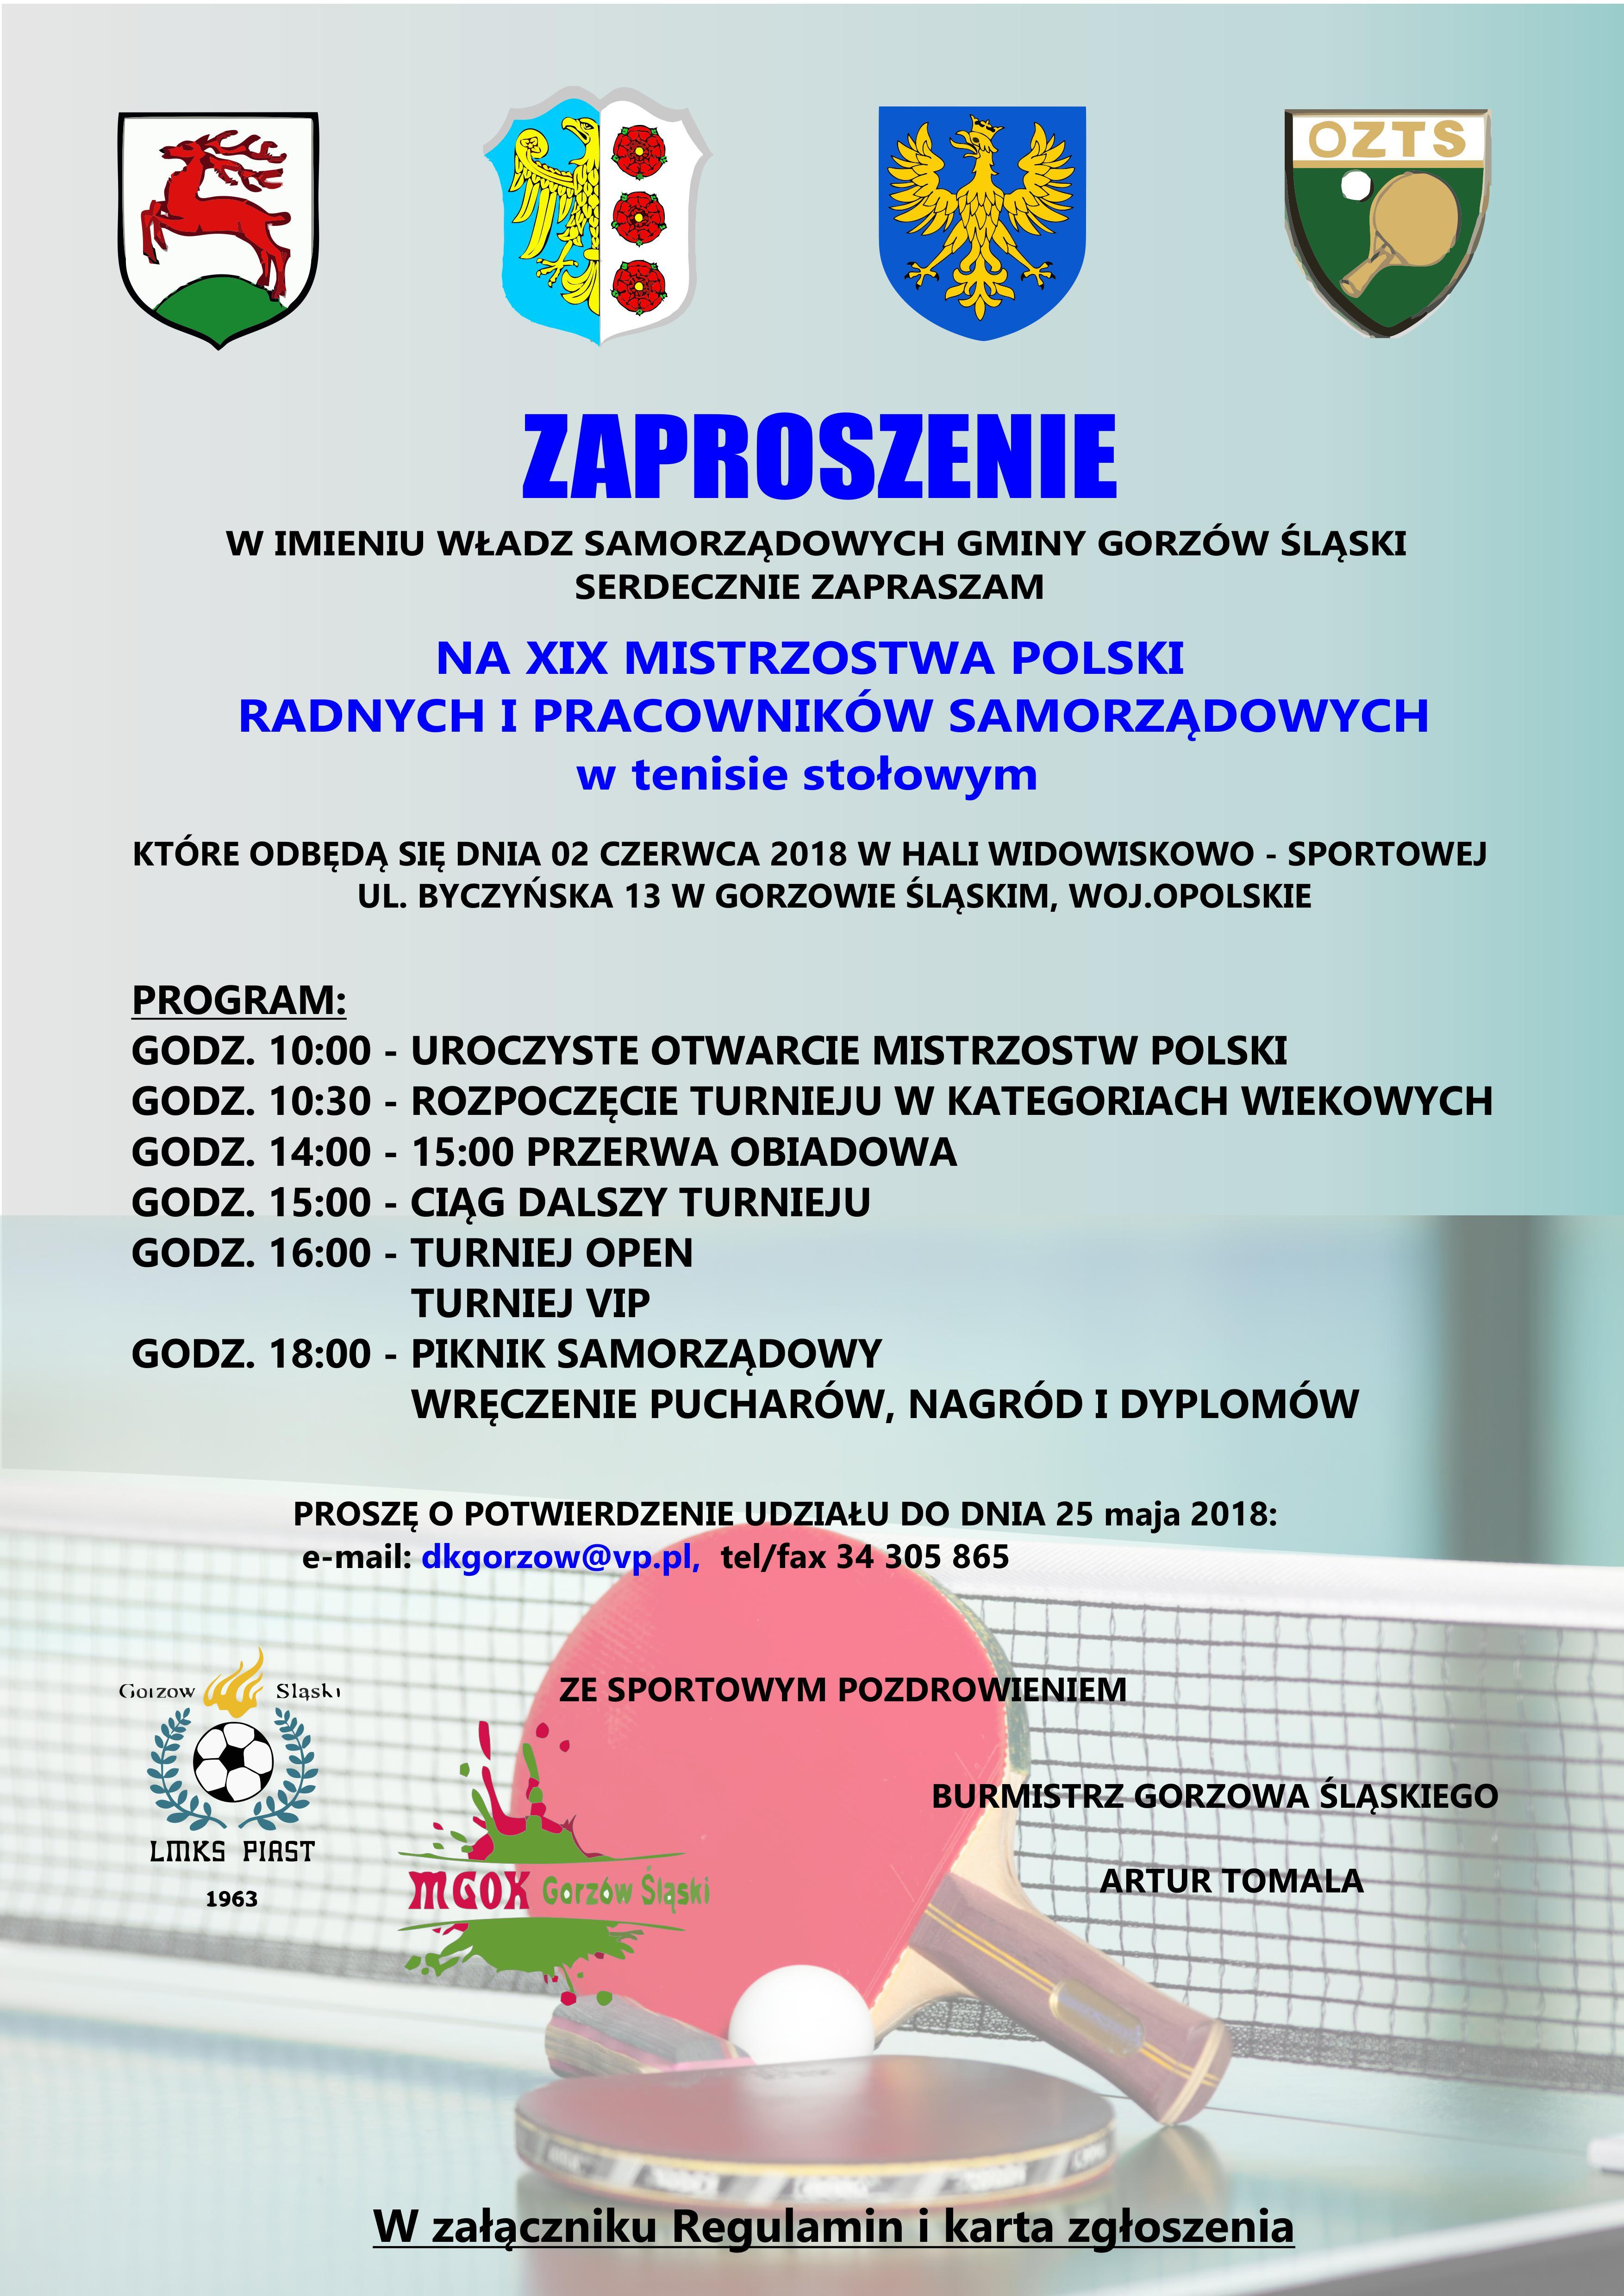 XIX Mistrzostwa Polski Radnych i Pracowników Samorządowych – Gorzów Śląski